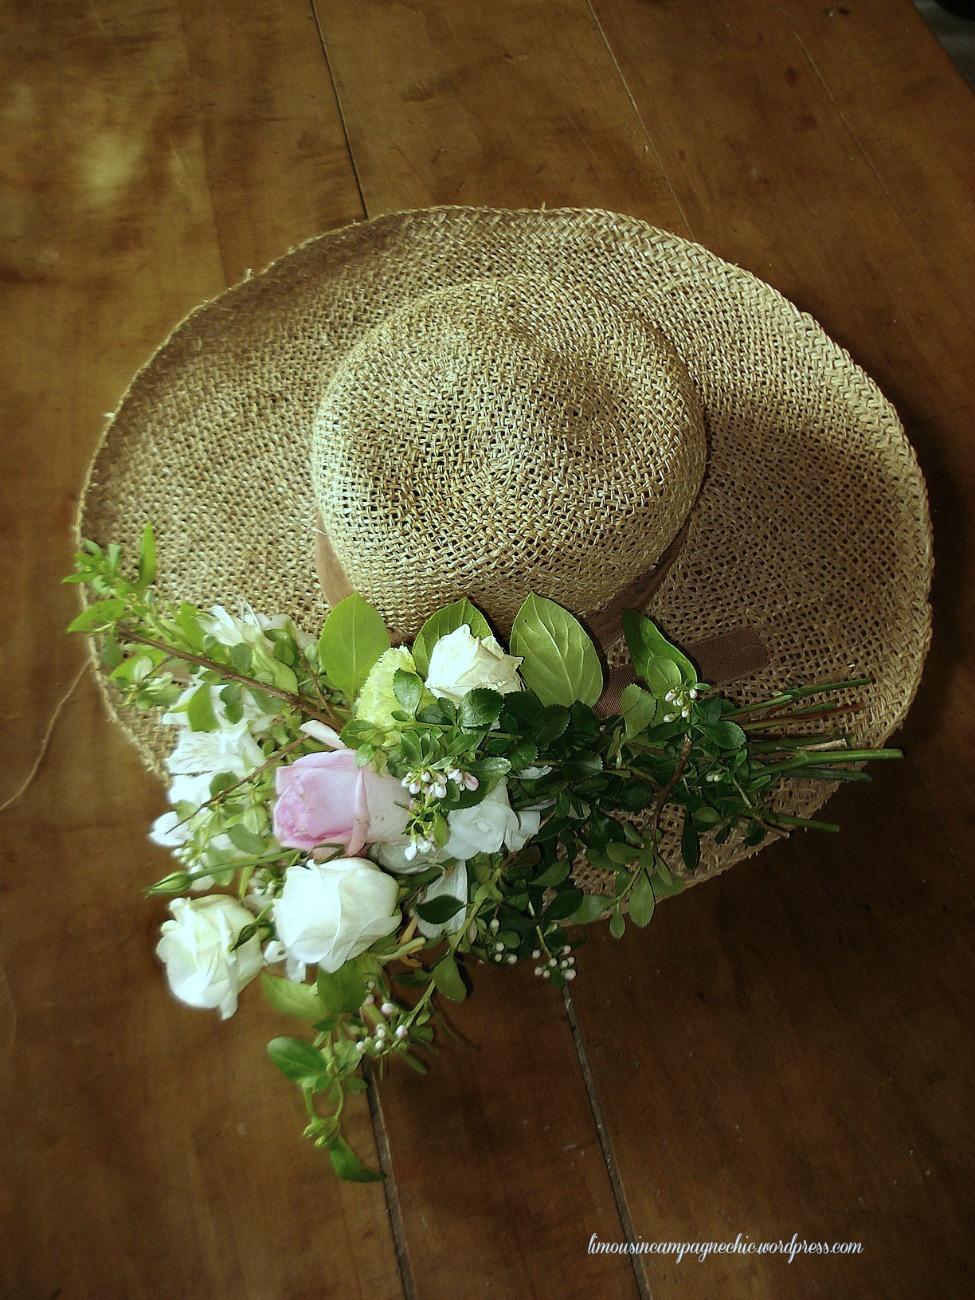 Chapeau bucolique - Bucolic hat